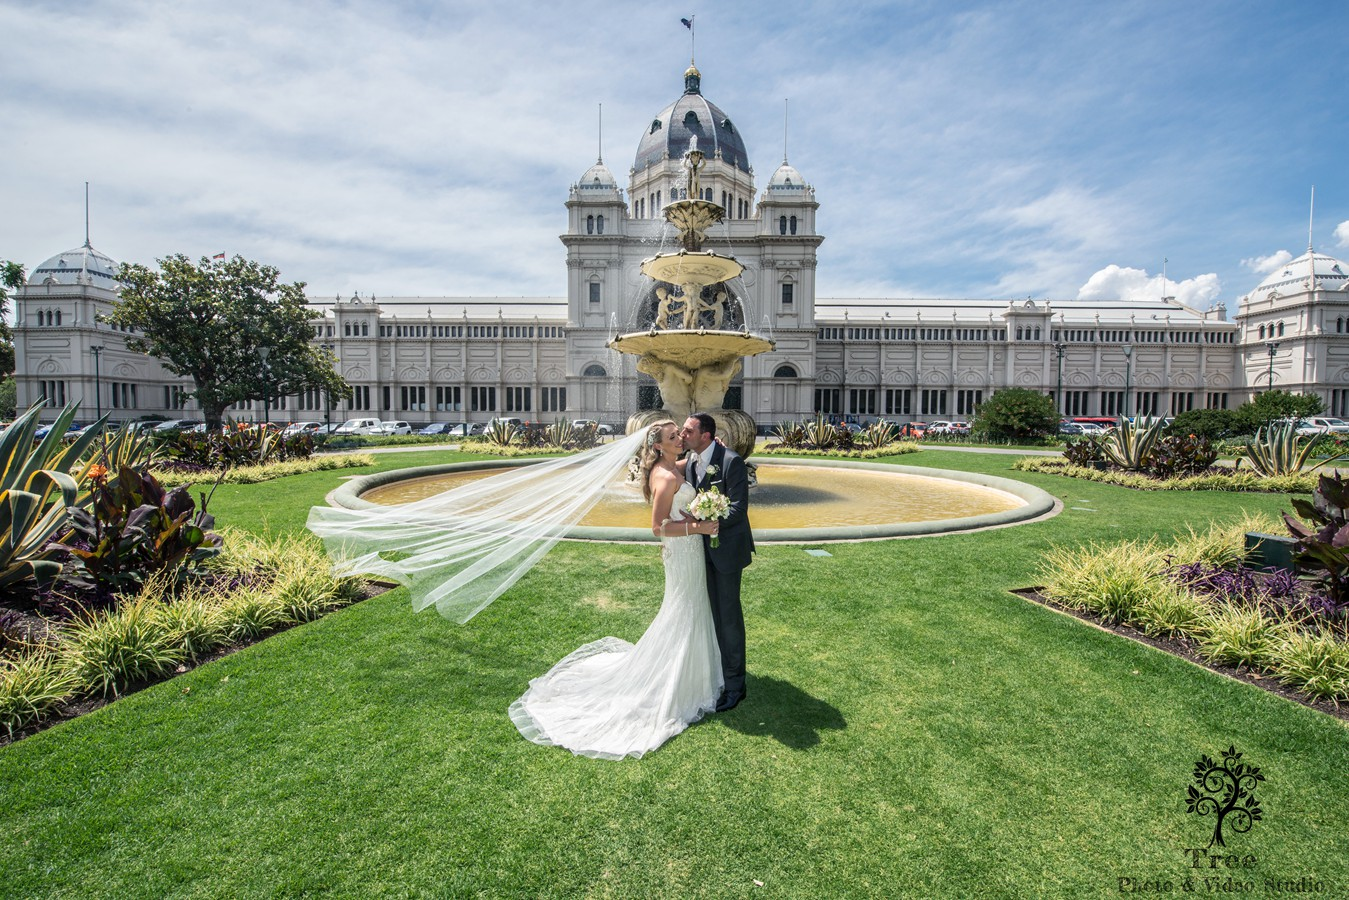 Carlton Garden Wedding Photo